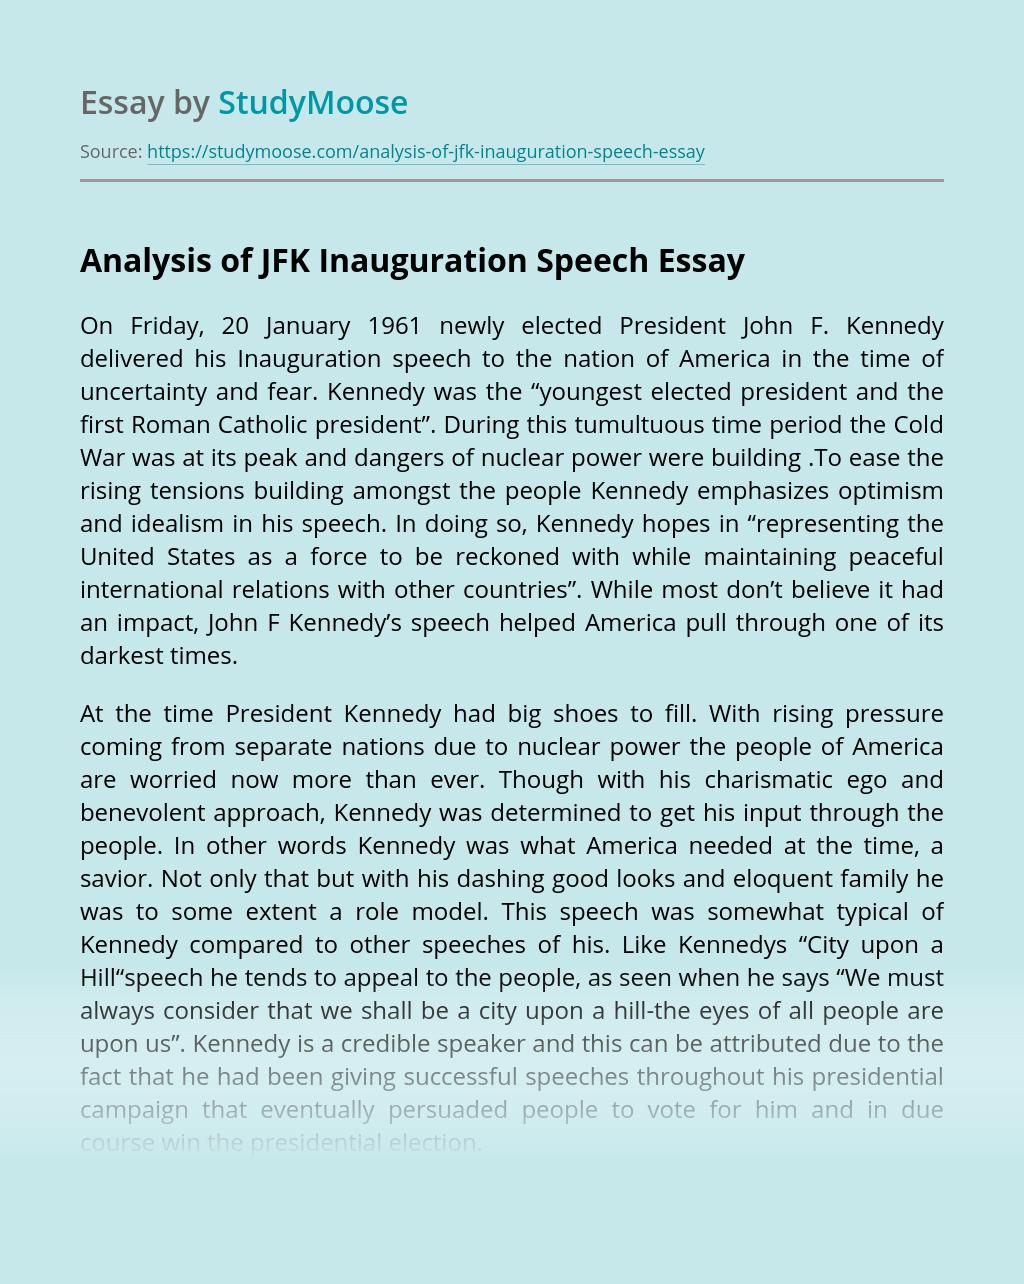 Analysis of JFK Inauguration Speech